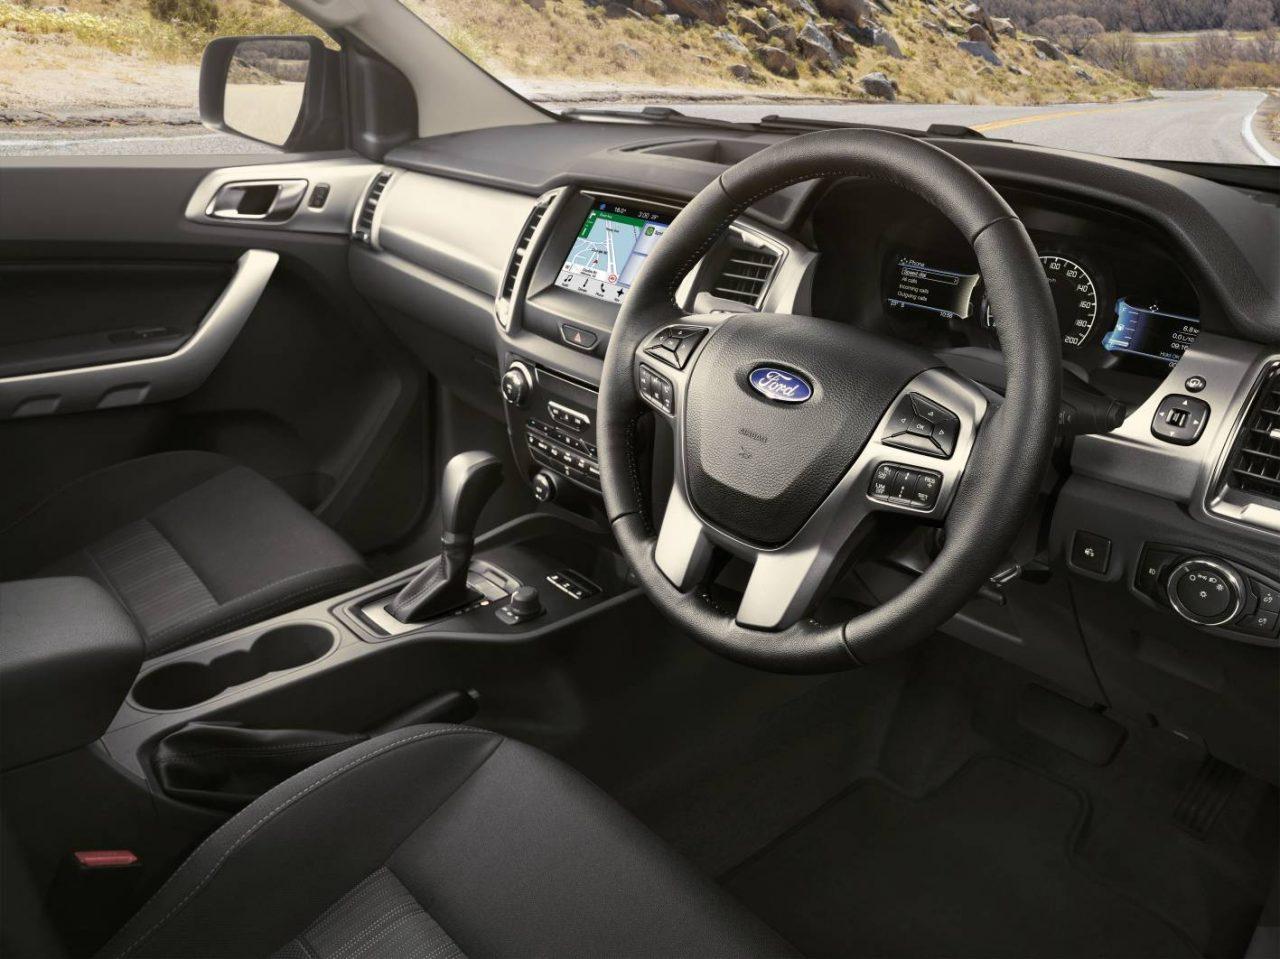 2017 Ford Ranger XLT Interior